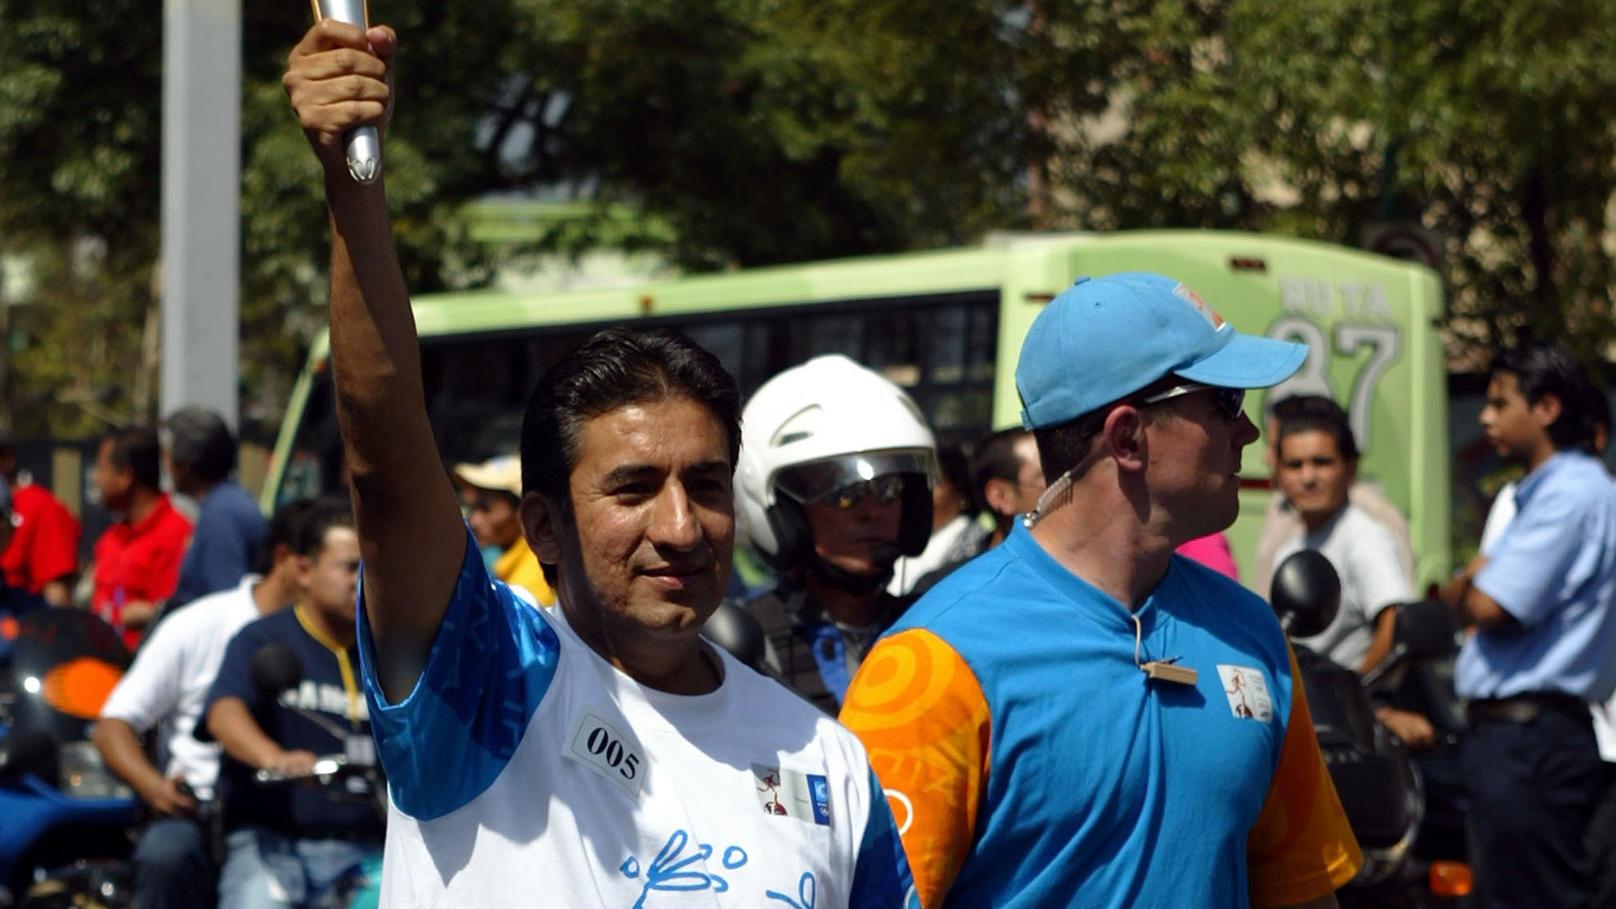 Ernesto Canto trägt bei den Olympischen Spielen in Athen 2004 die Fackel. (Archivfoto)